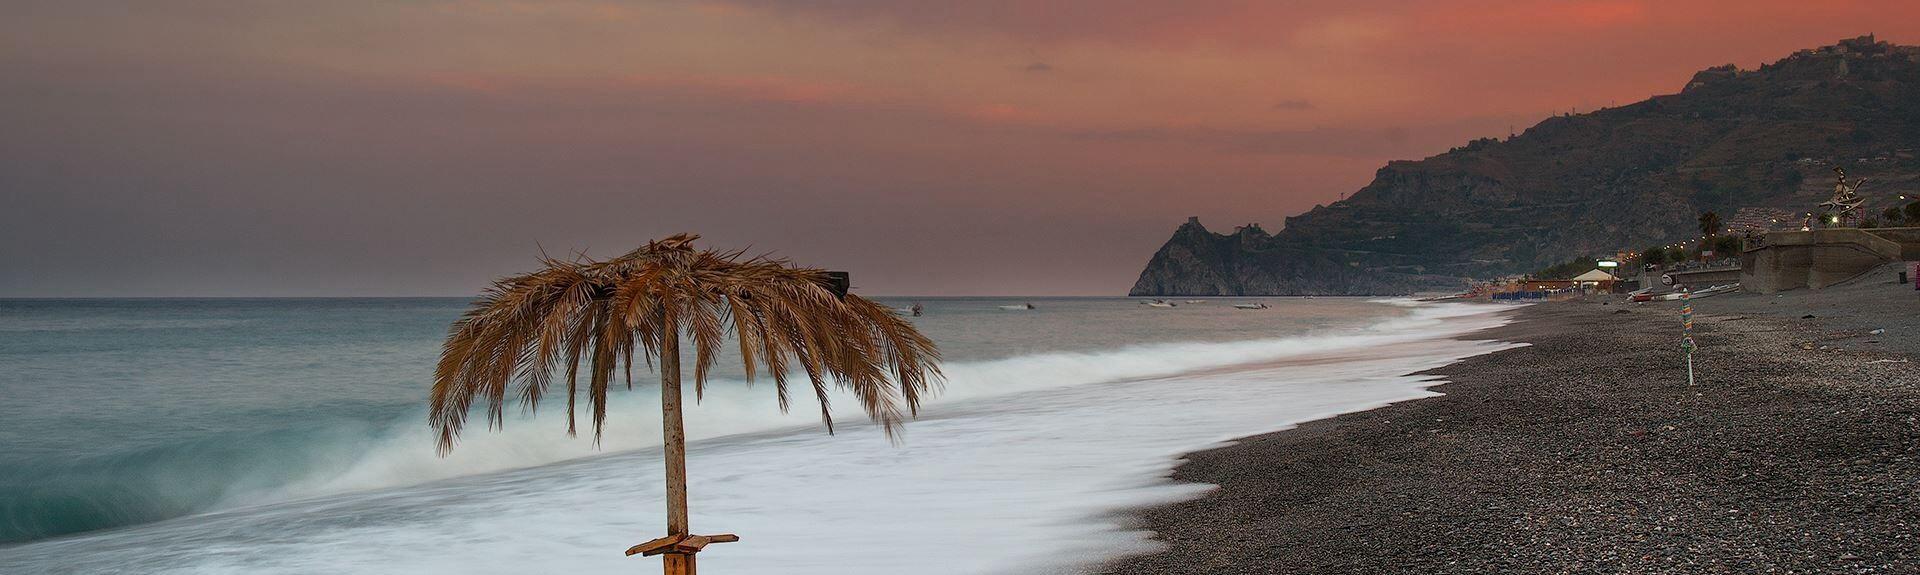 Itala Marina, Itala, Sicily, Italy